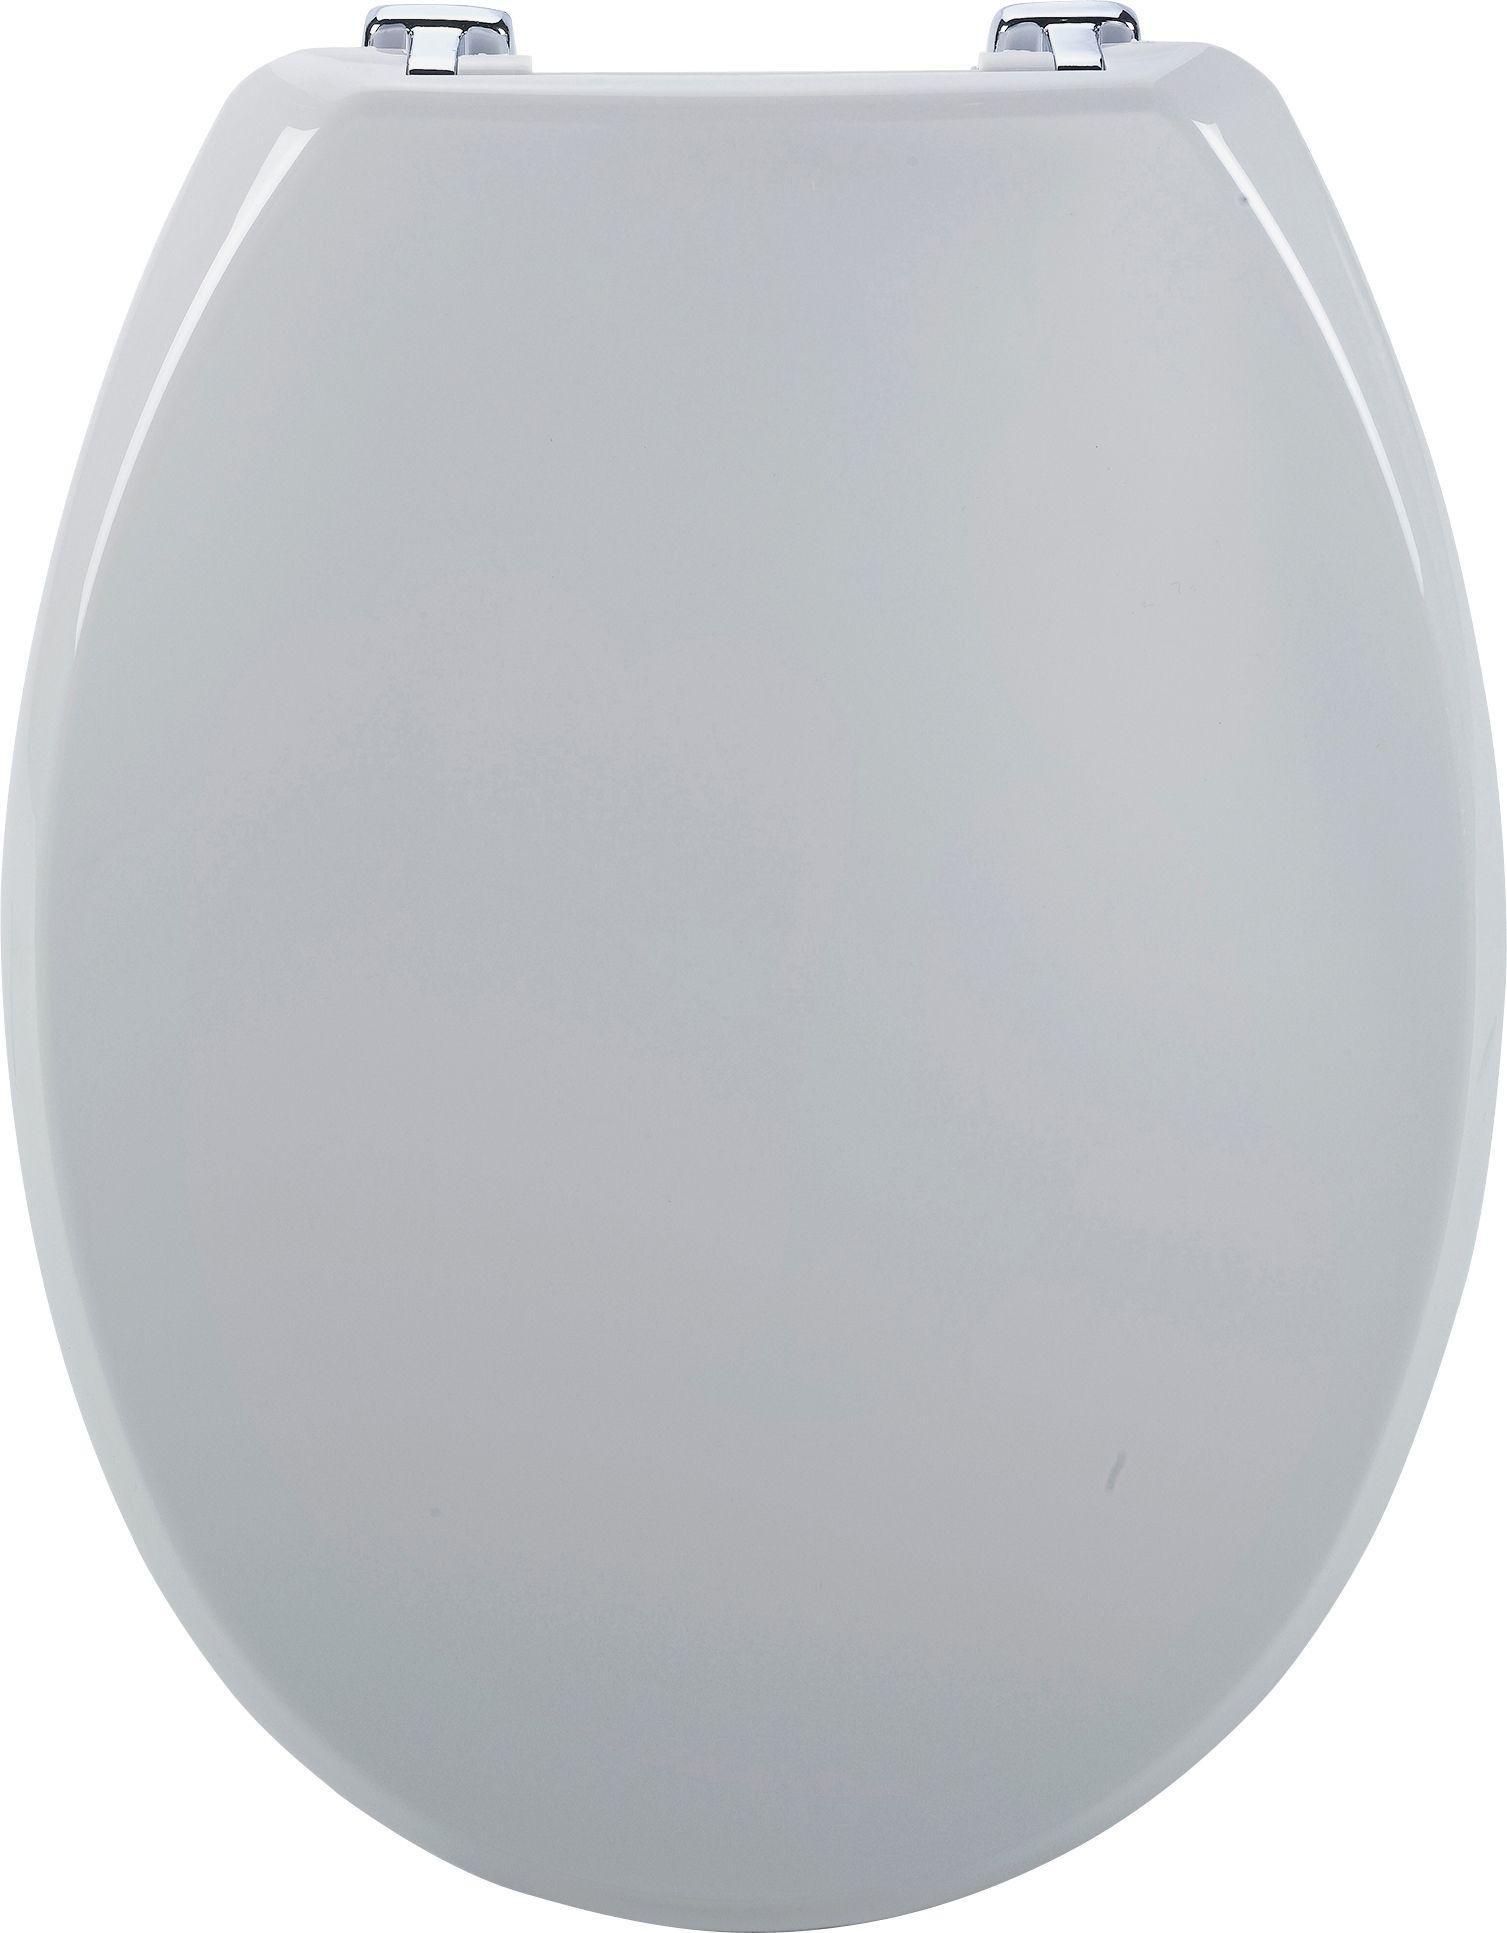 Image of Bemis - Buxton Statite - Toilet Seat - White